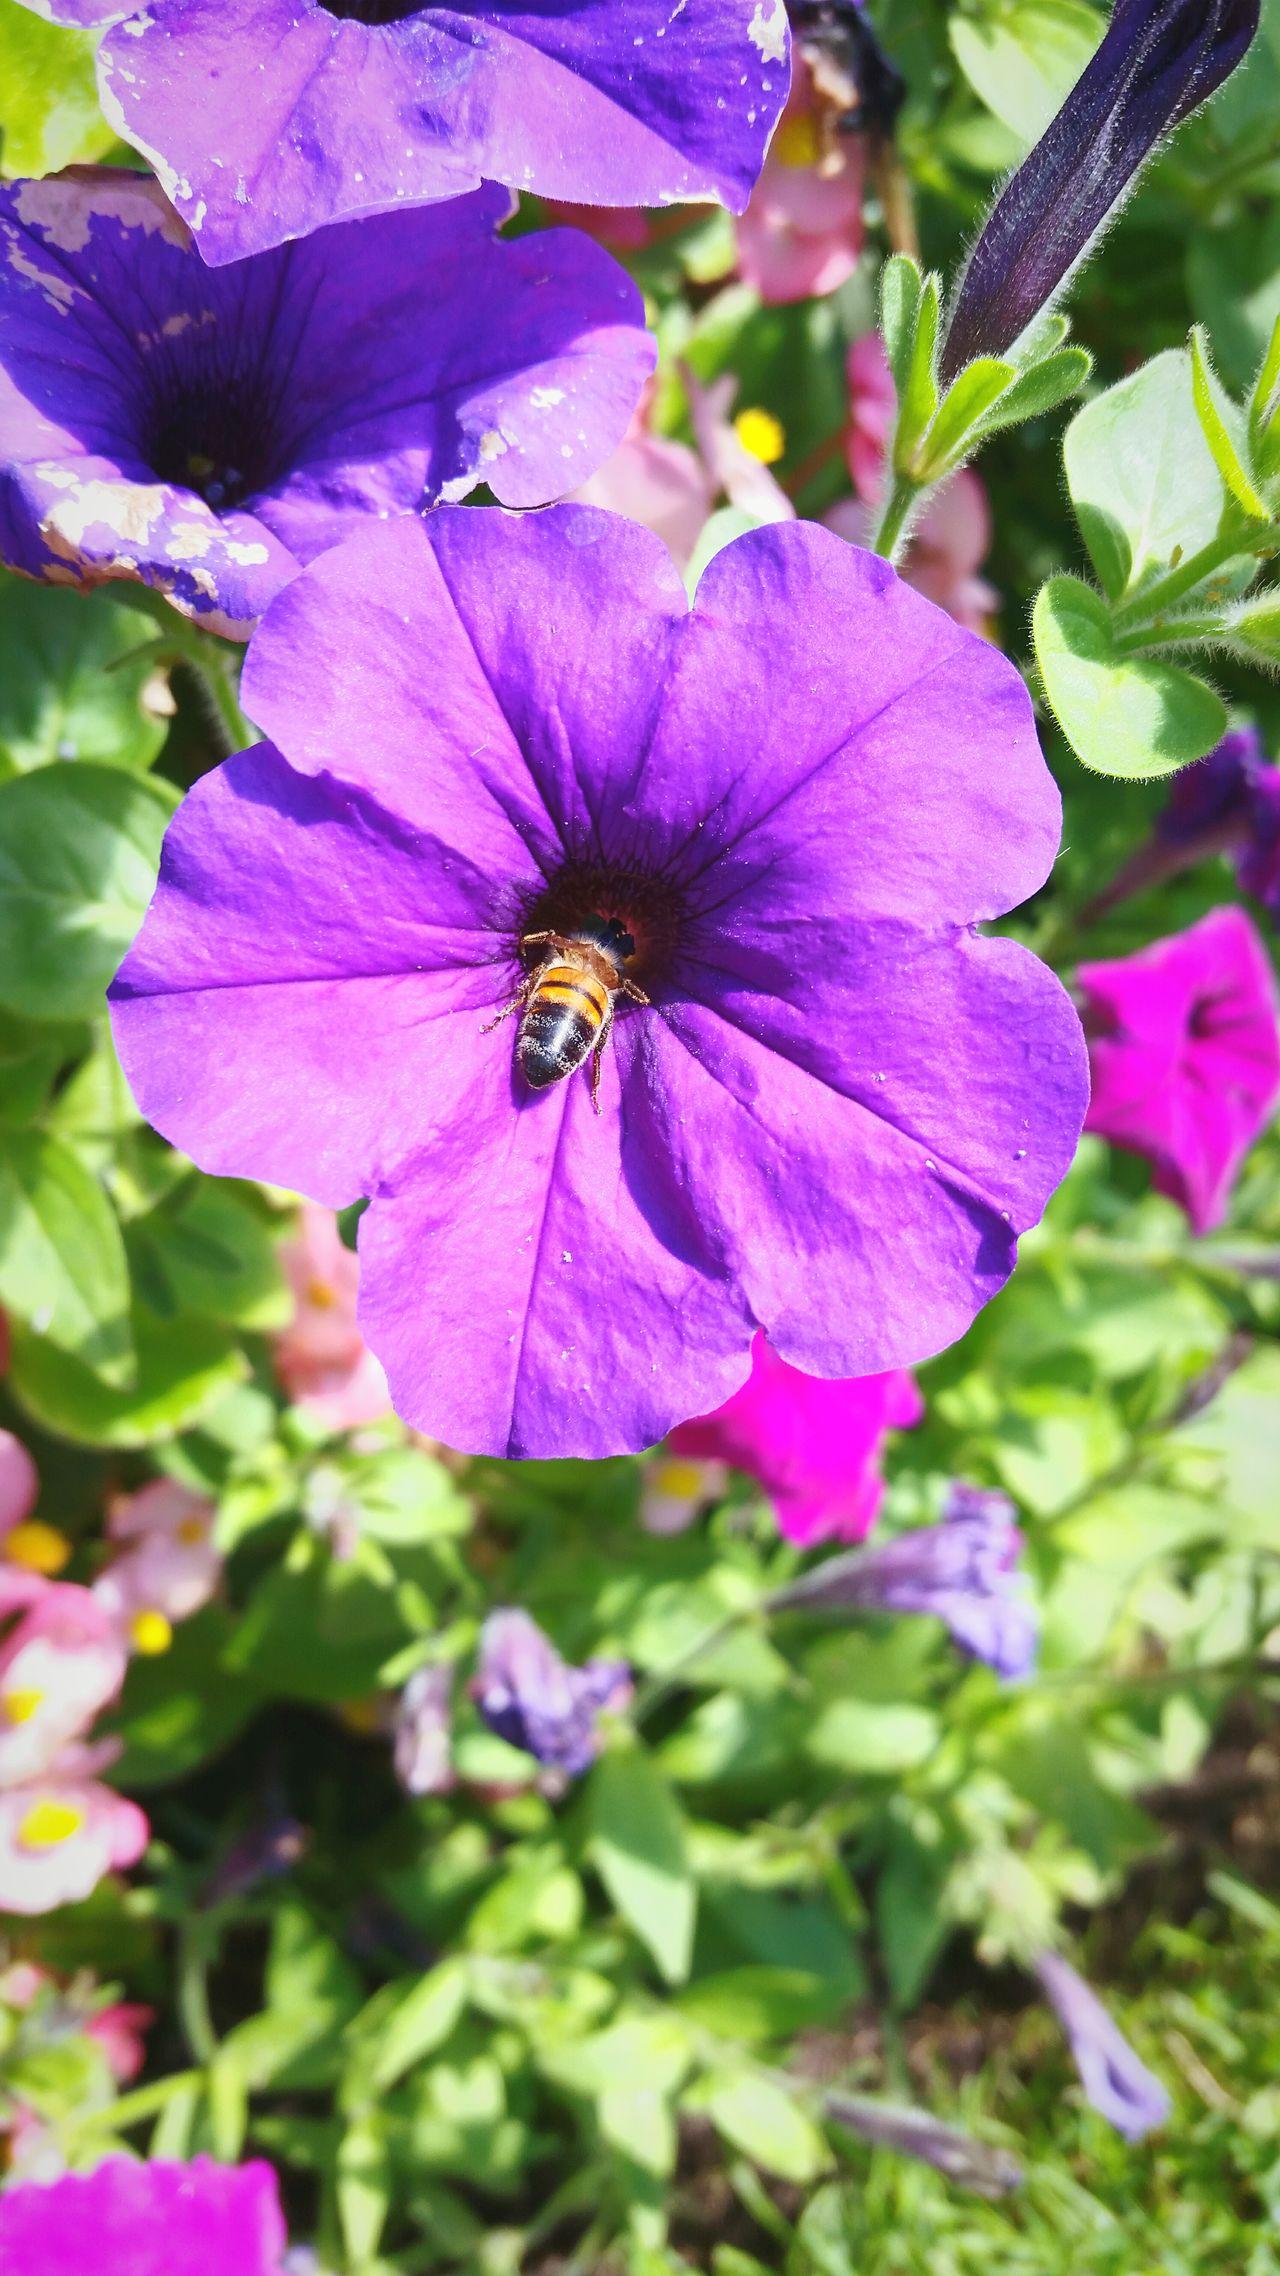 Flower Bee Nature Garden Natureinaction Purple